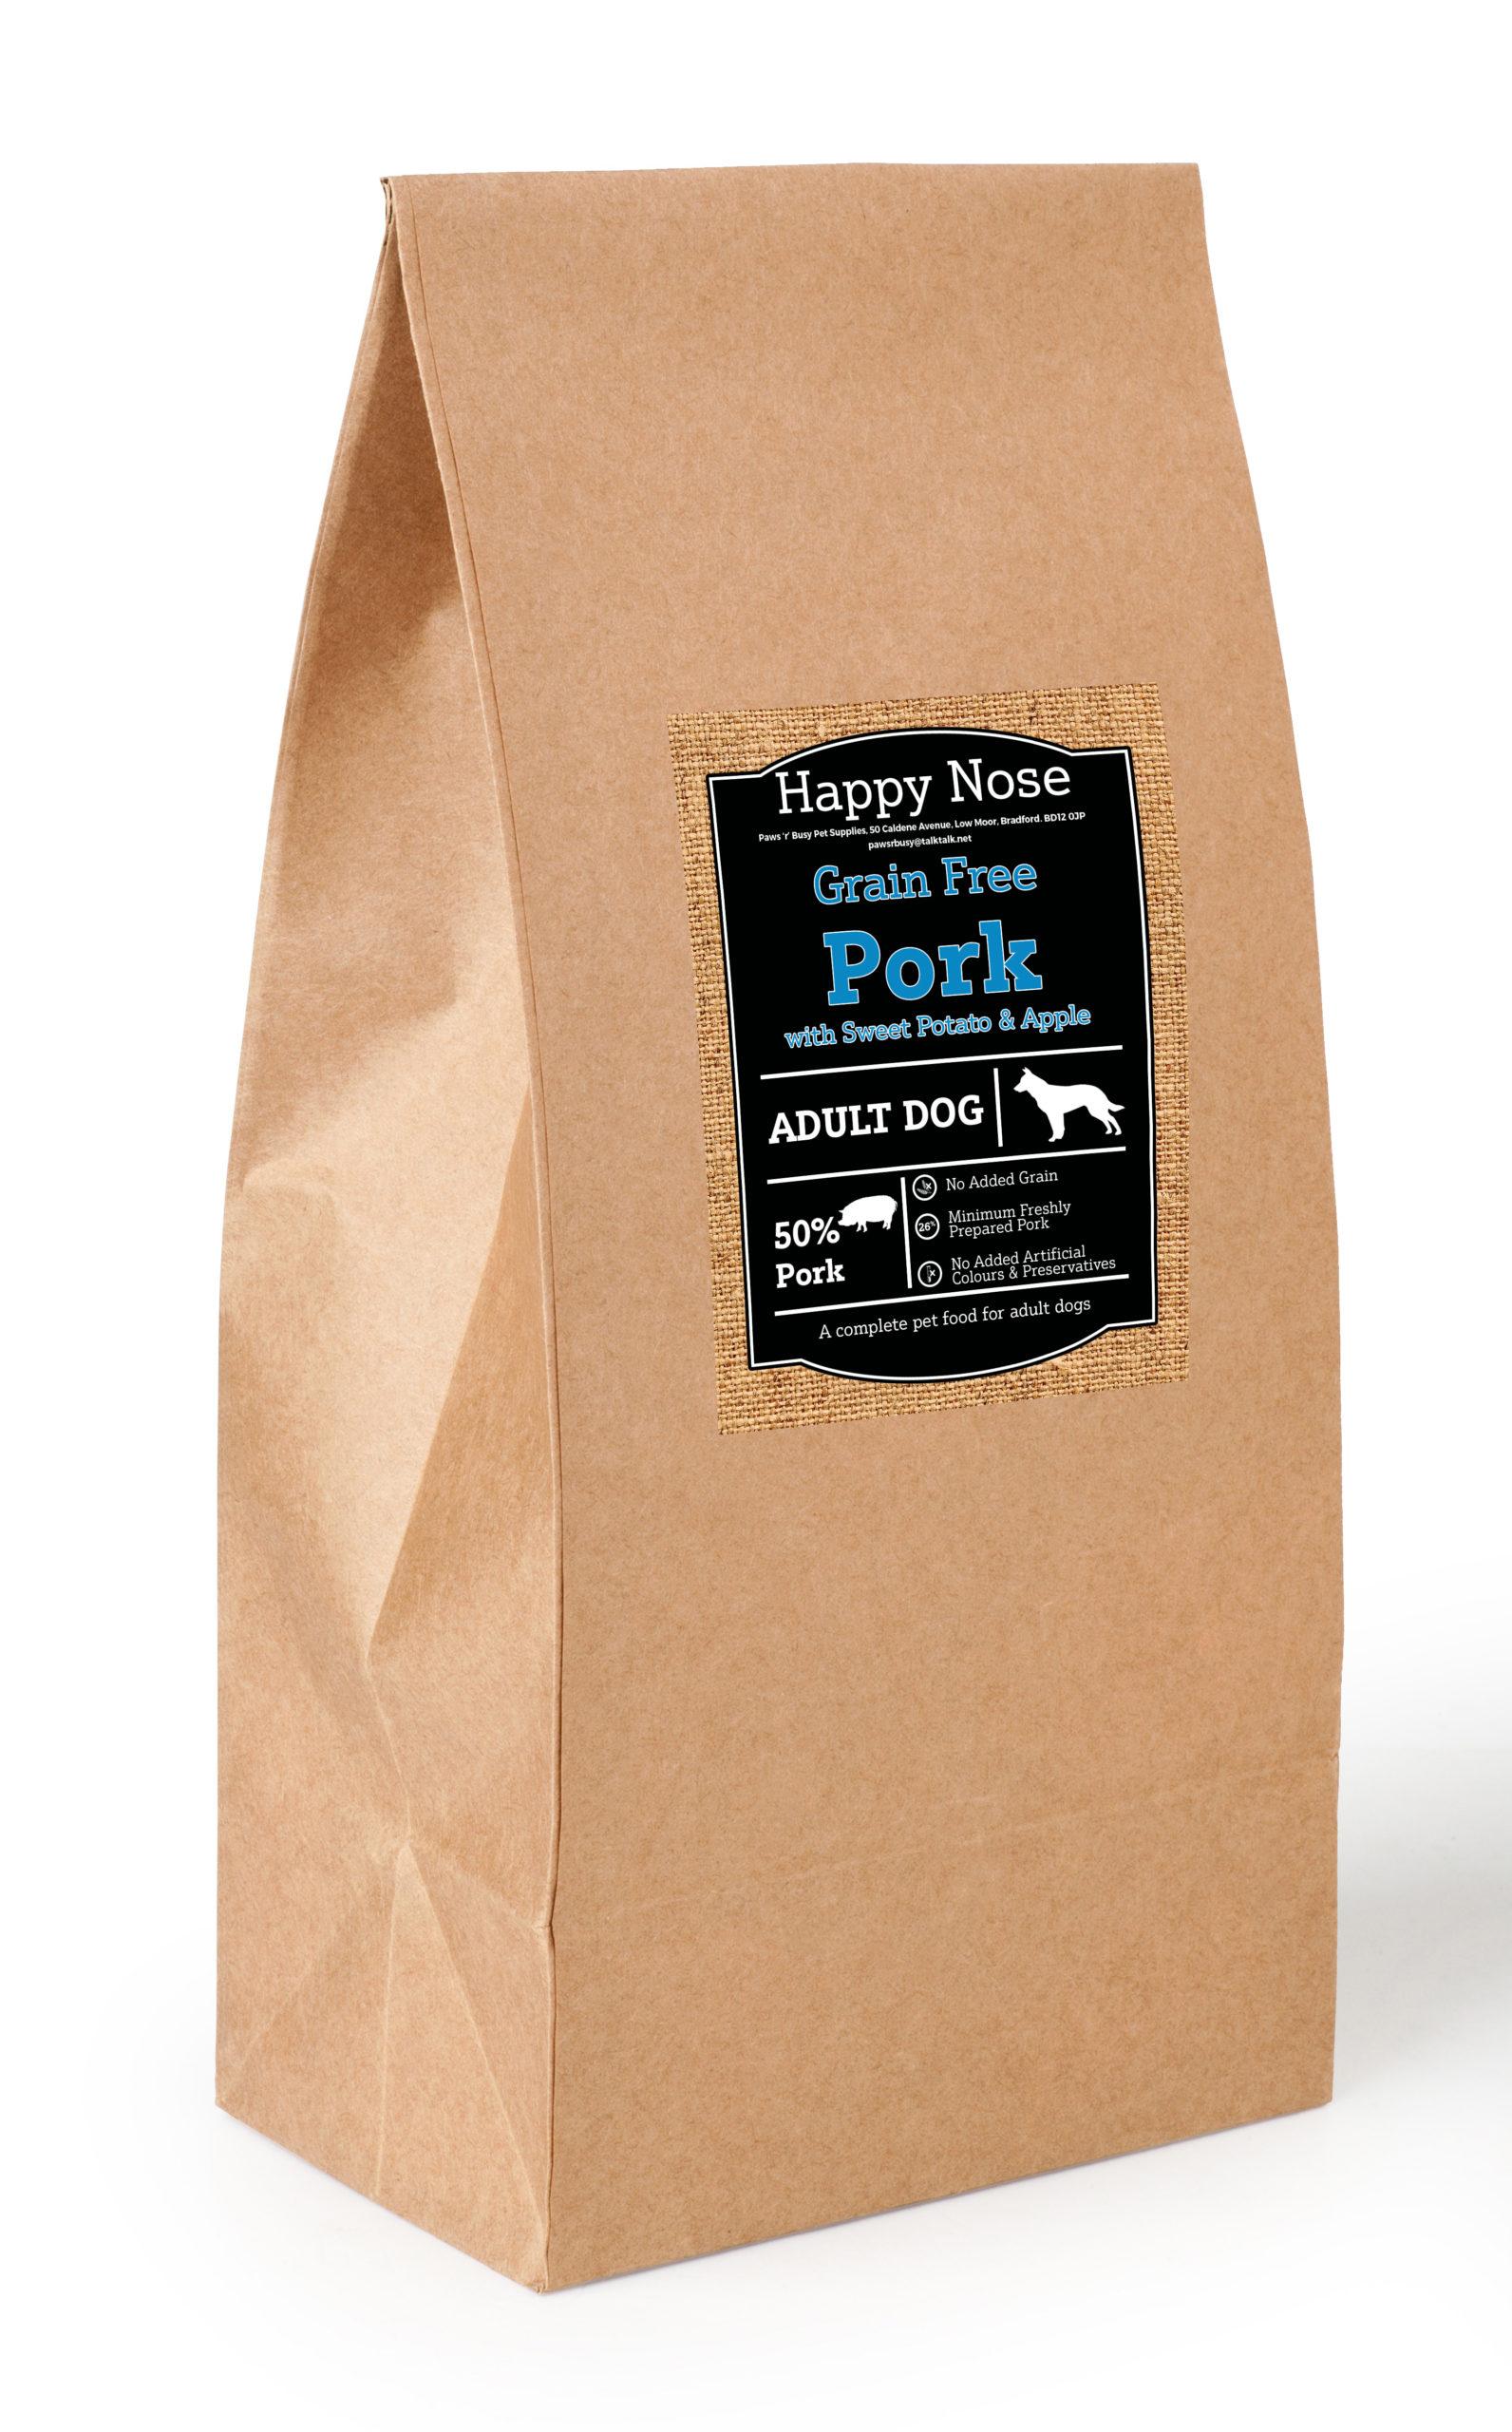 Pork, Sweet Potato & Apple Adult Dog Food